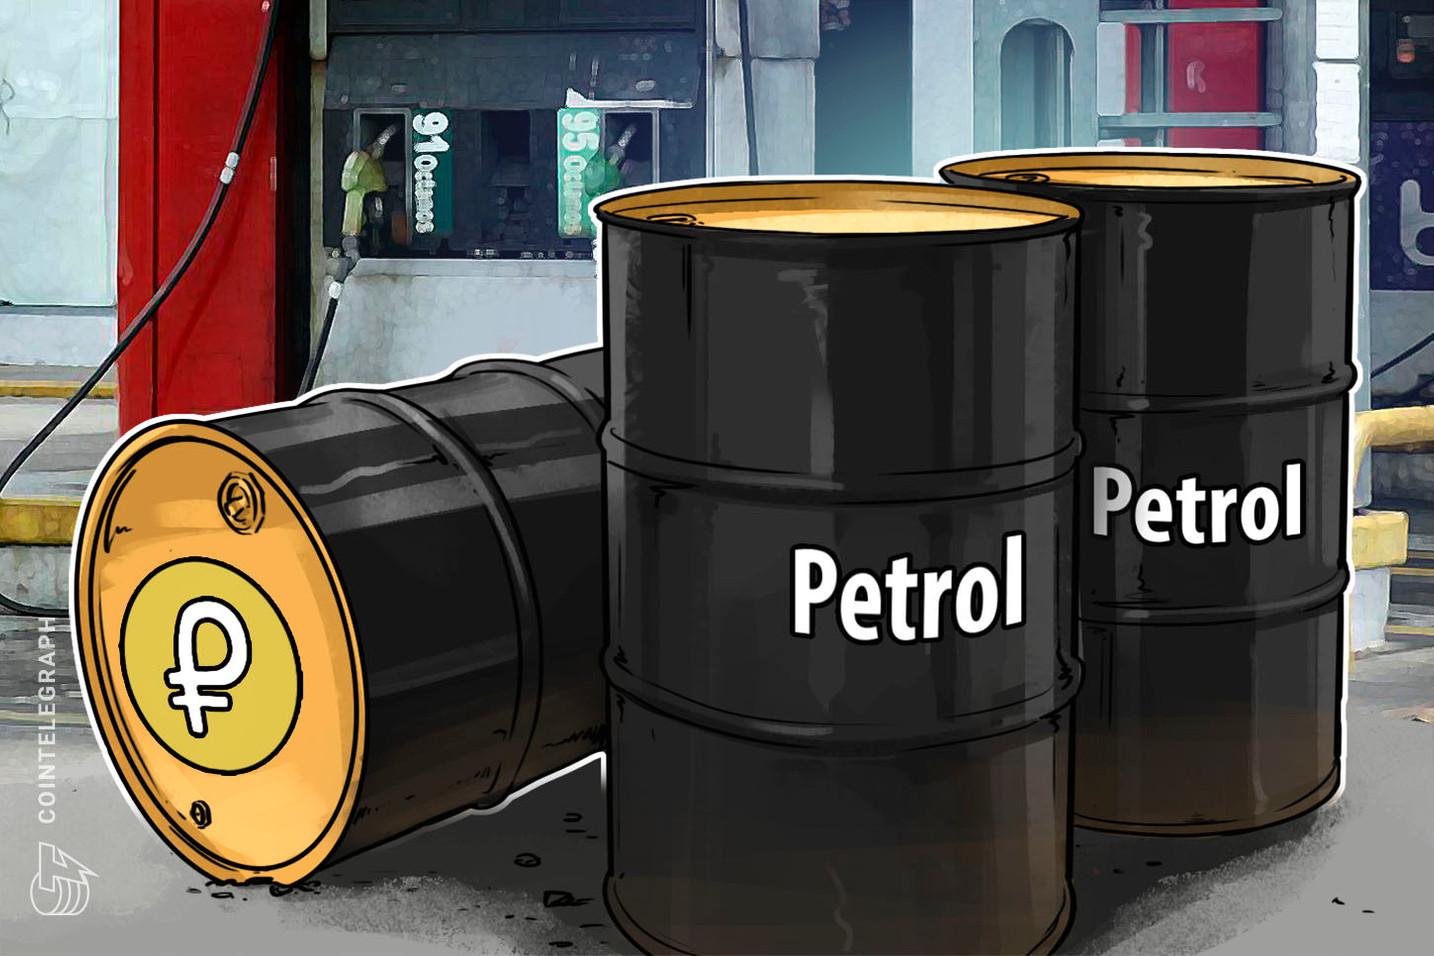 Venezuela erhöht Benzinpreise: Nur Petro-Zahlungen an Tankstellen